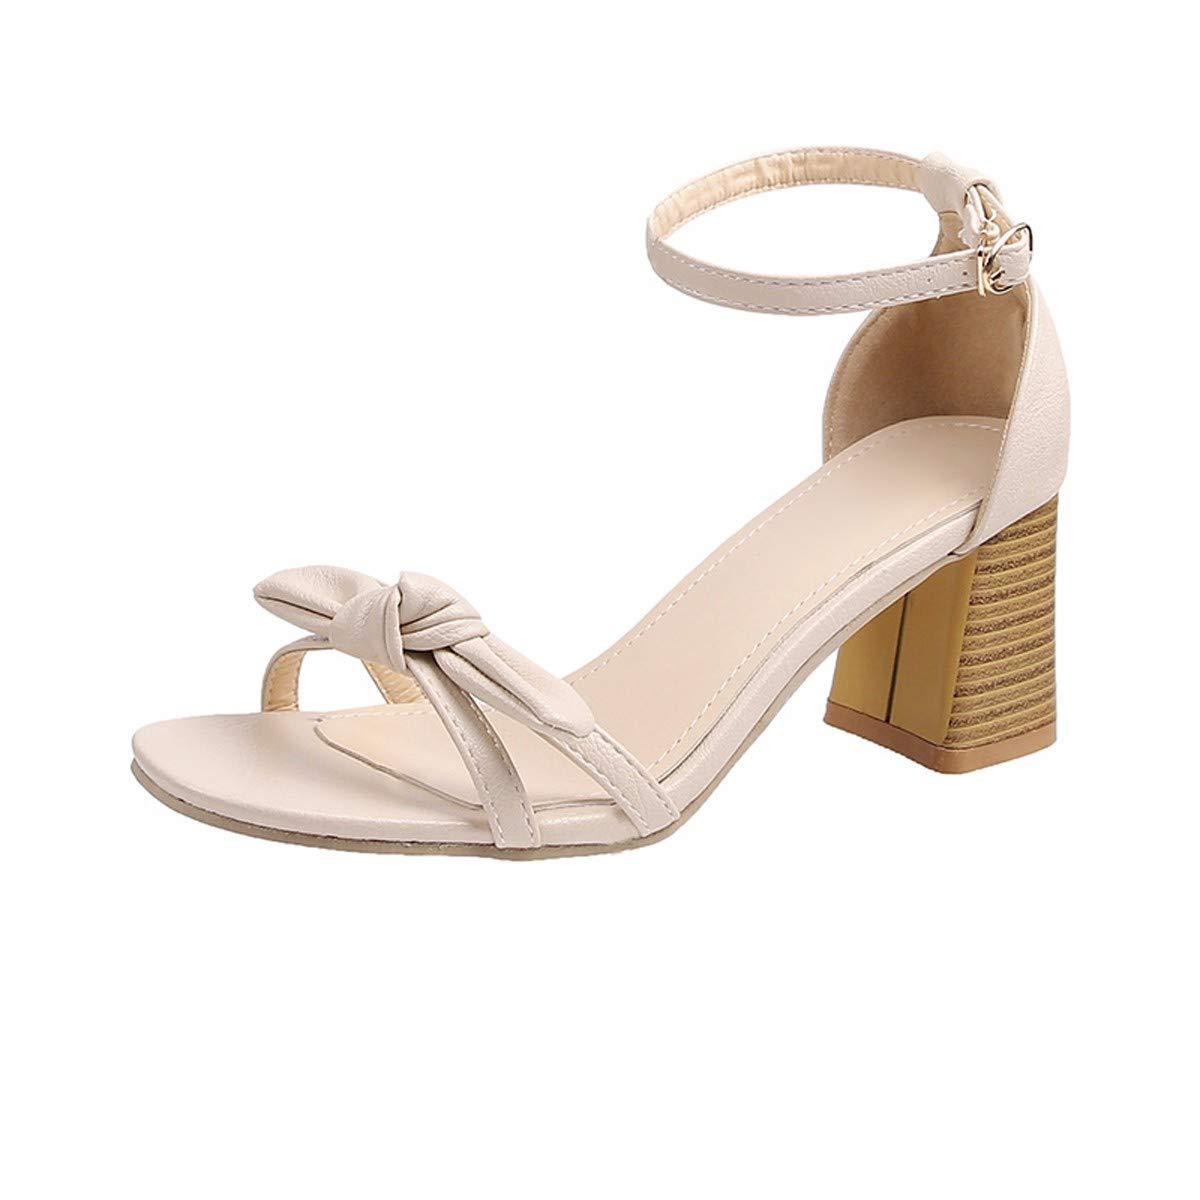 KPHY Chaussures pour Femmes/Les Frais Et Hauts Talons De Sexe Féminin Xia Bai Cravate Arc Chaussures Dense avec Une Paire De Sandales Simple 6 Cm Trente - Six Beige